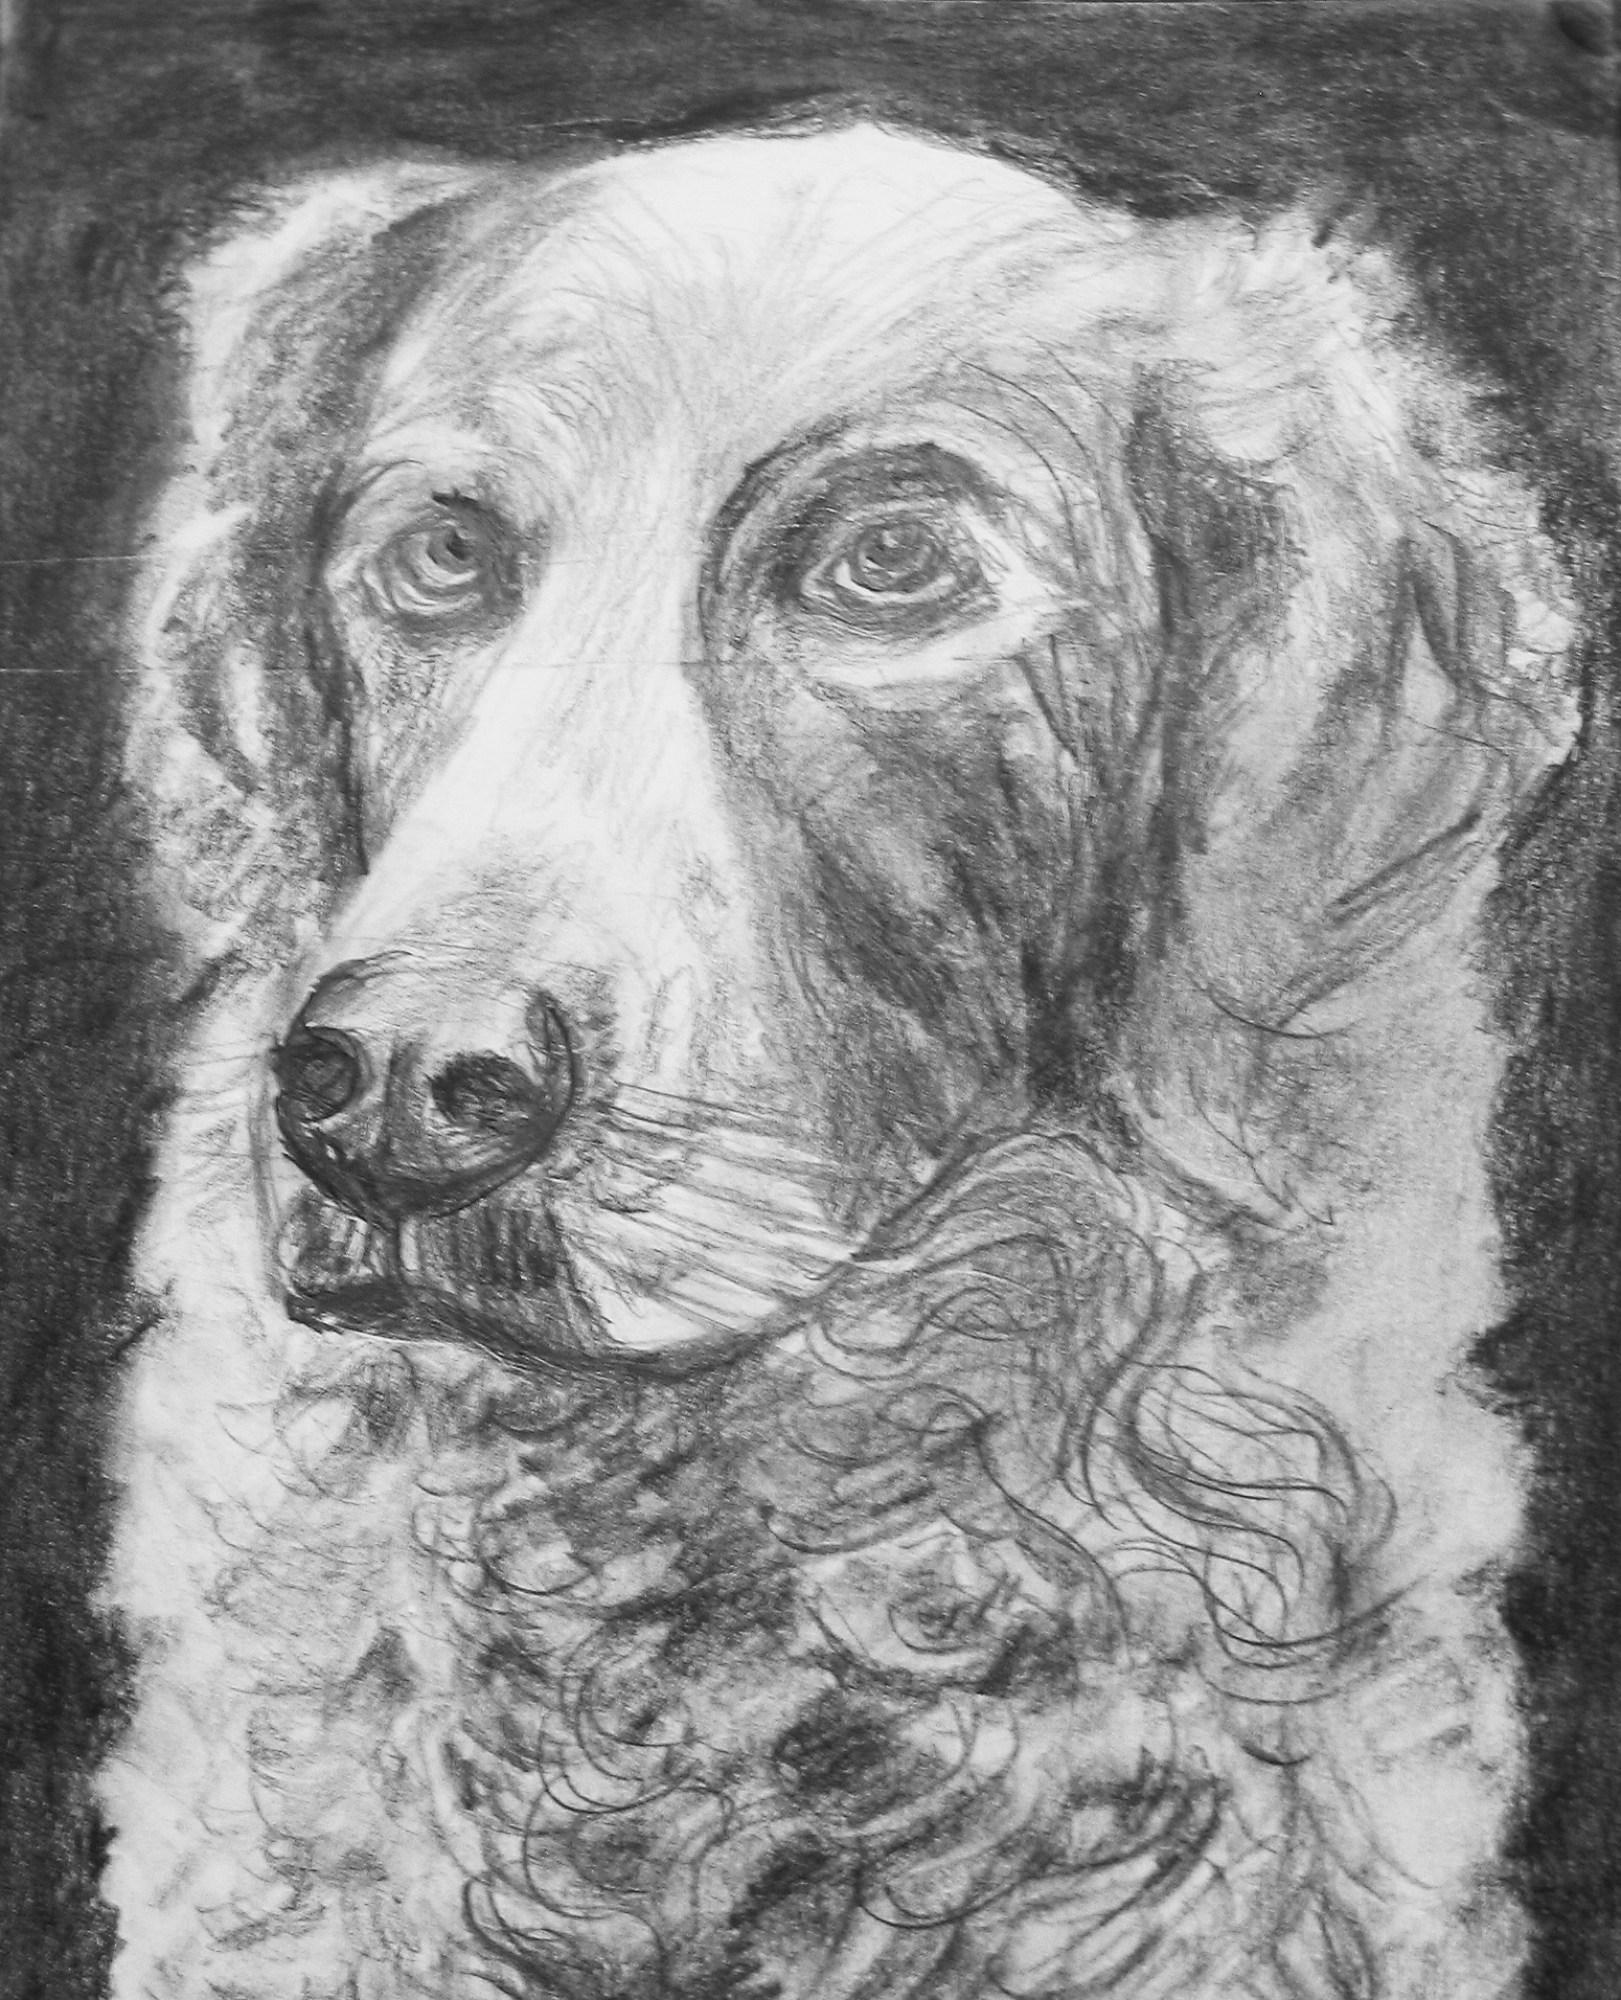 2004 - Hund, 40x50cm, Bleistift